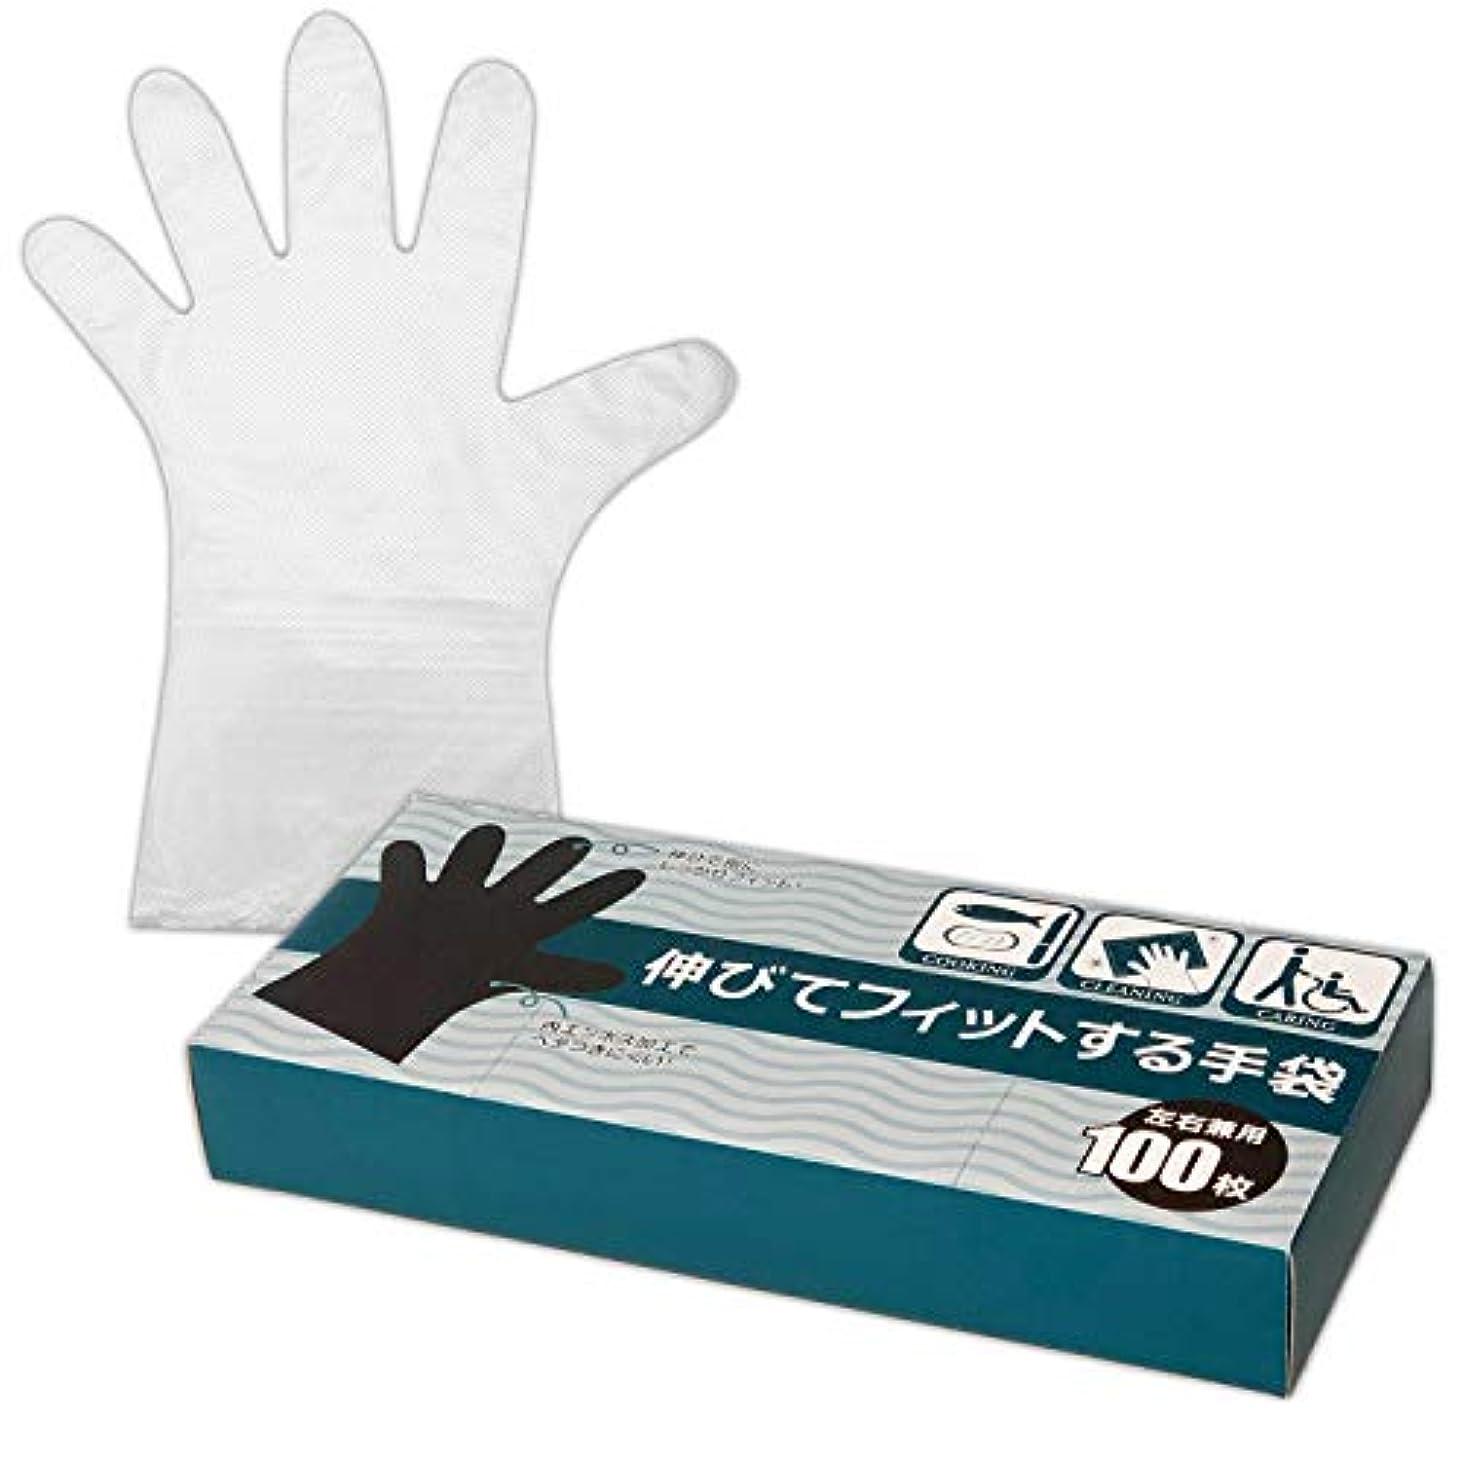 確かにうれしい委託伸びてフィットする手袋 100枚入 使い捨て 作業用 キッチン 掃除 料理 介護